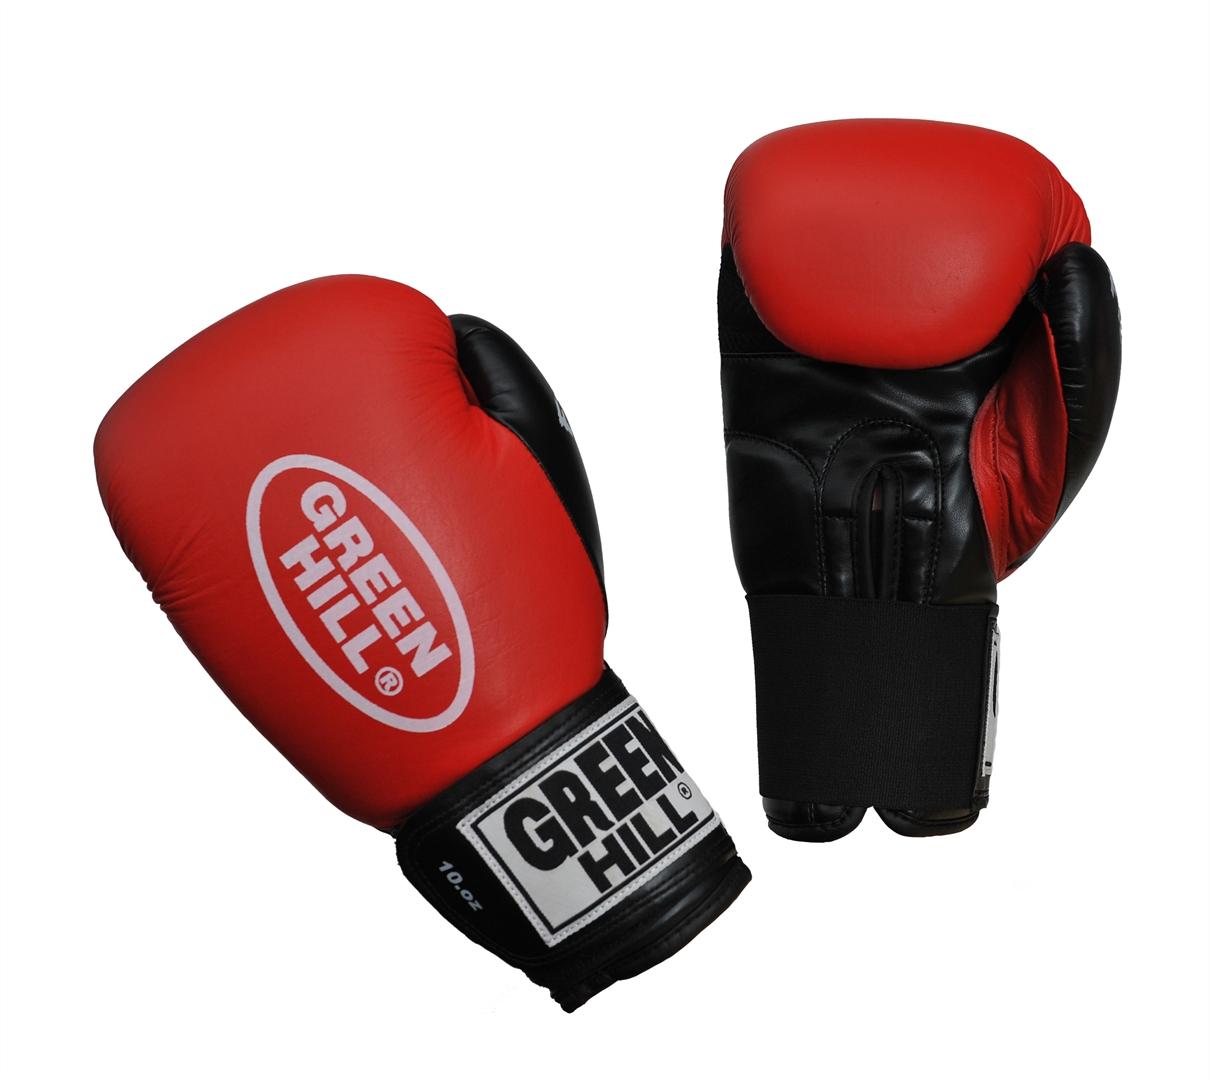 Перчатки боксерские Green Hill Fighter, цвет: красный, черный. Вес 10 унций